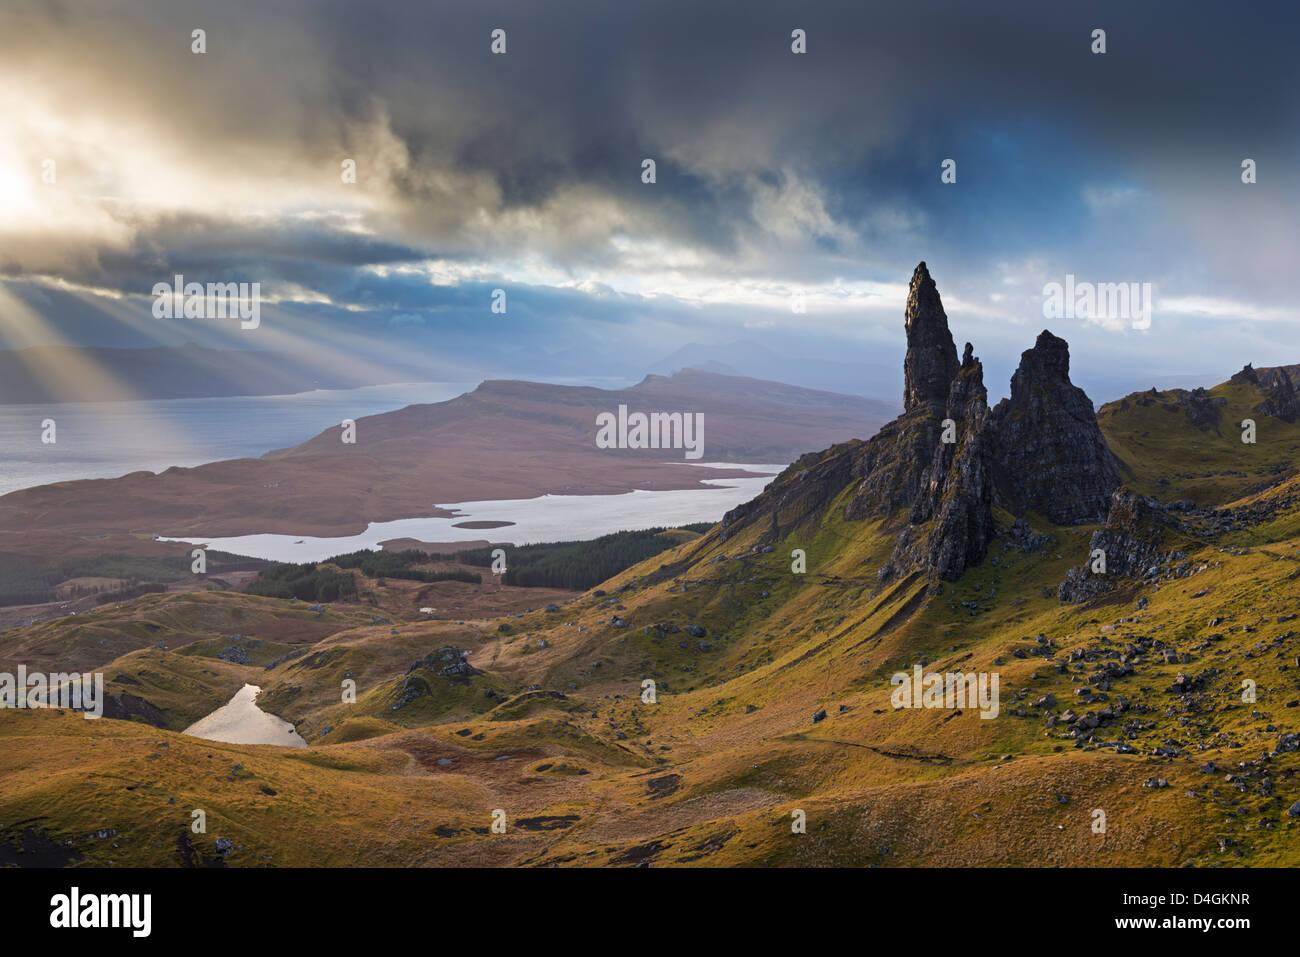 Espectacular paisaje en el viejo hombre de Storr, Isla de Skye, Escocia. Otoño (noviembre de 2012) Imagen De Stock